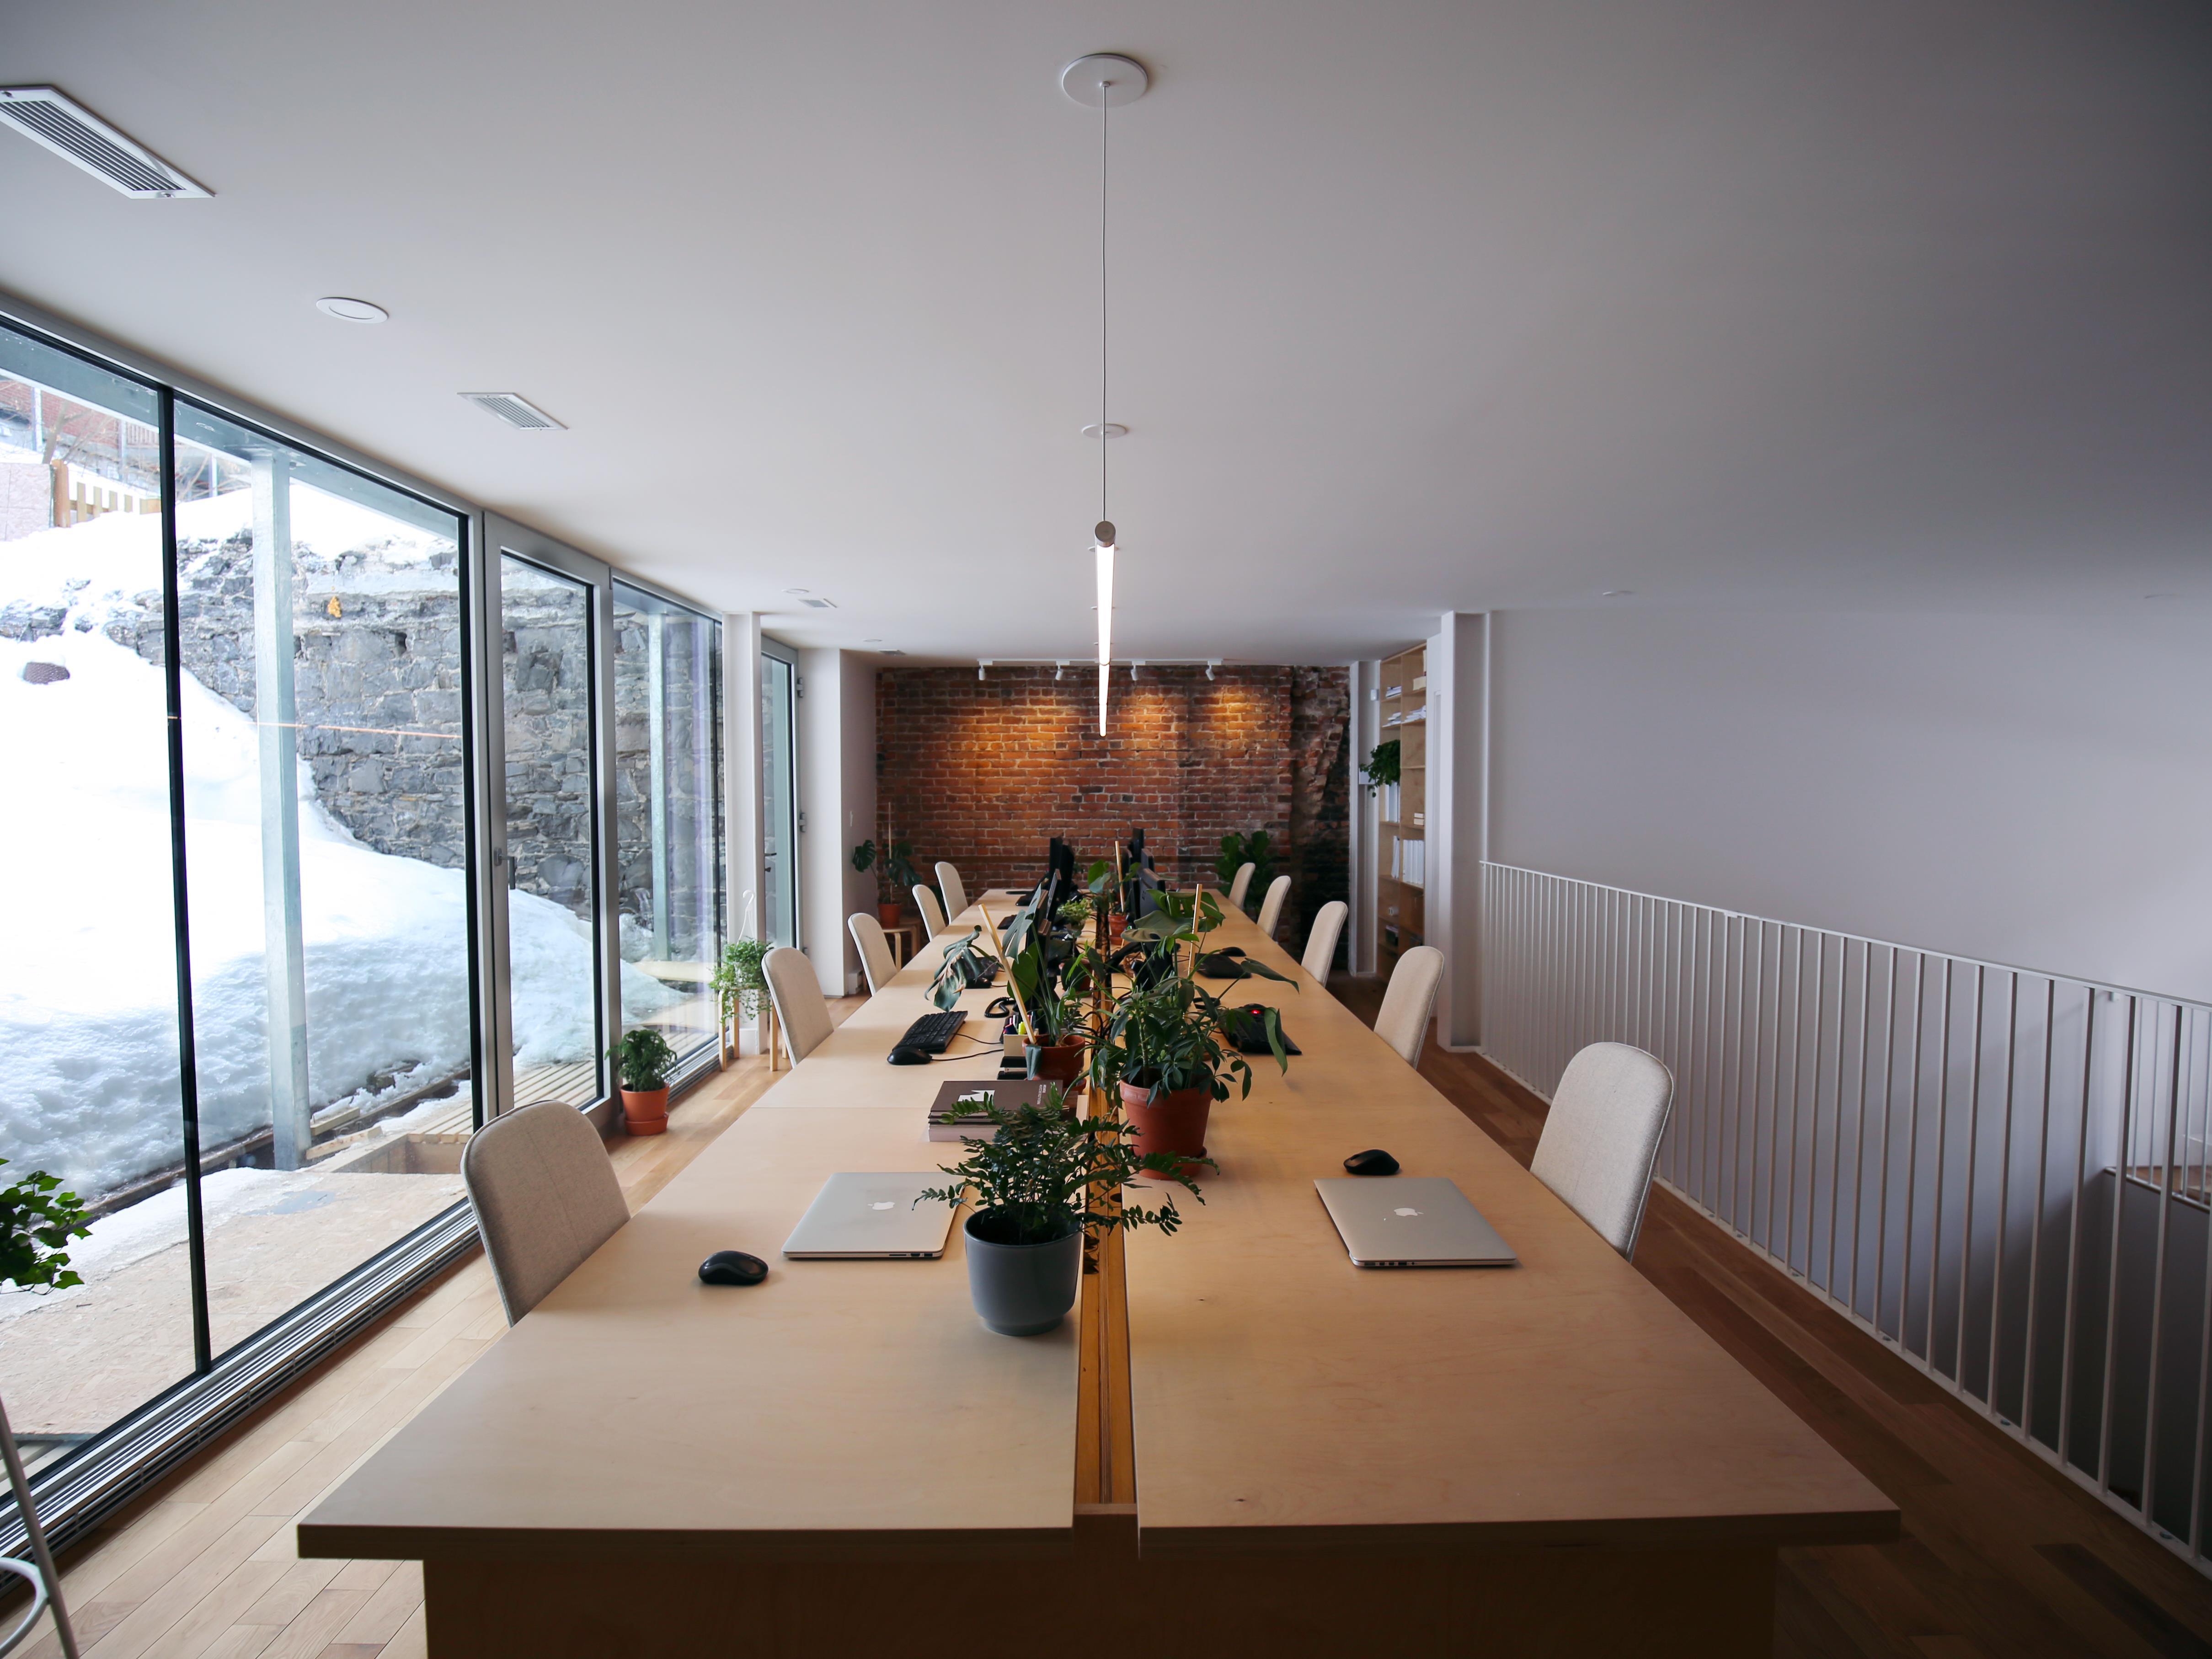 Les bureaux de l'Atelier Pierre Thibault